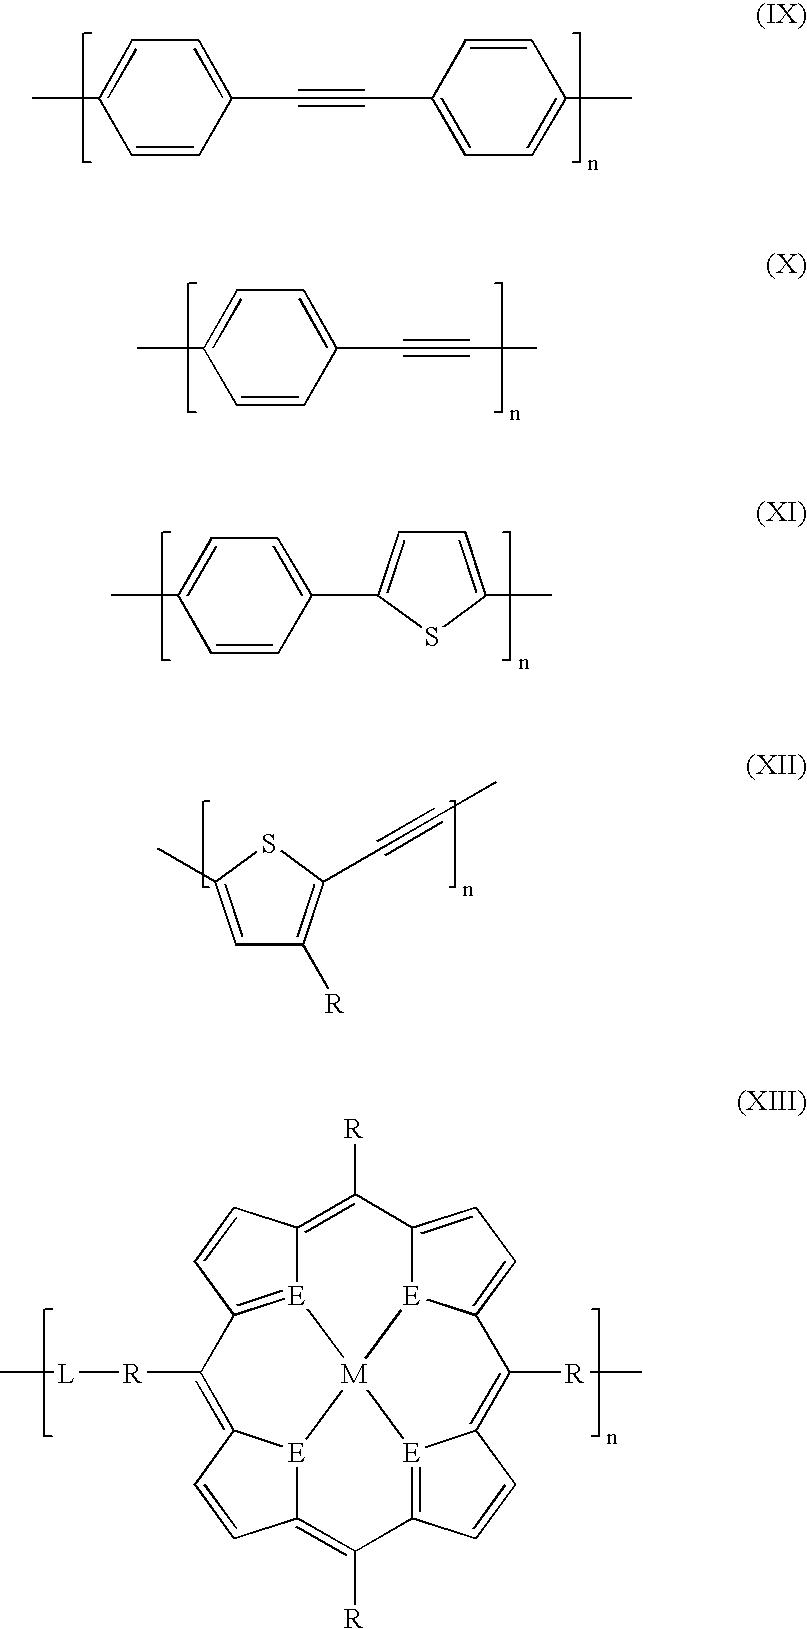 Figure US20050006643A1-20050113-C00002